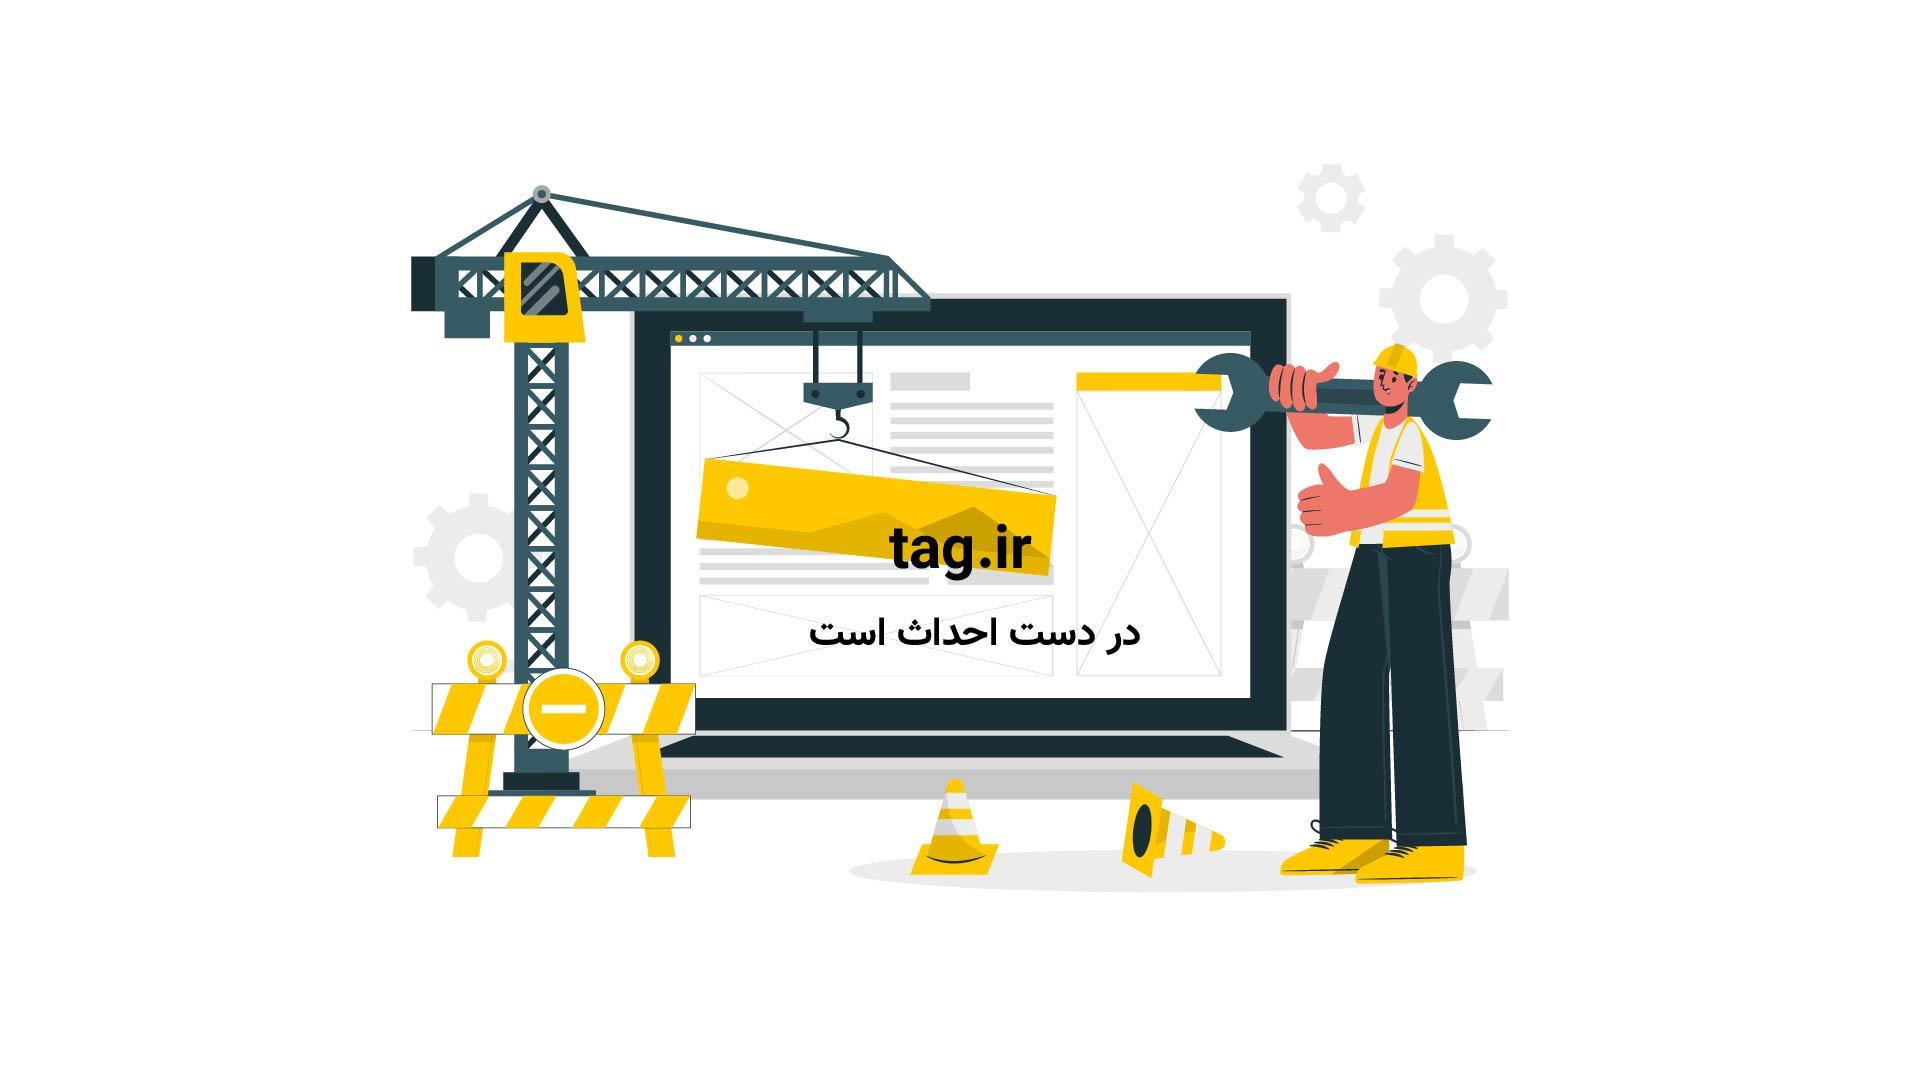 پل نصر (گیشا) برای آماده سازی و جمع آوری از امروز بسته شد | فیلم